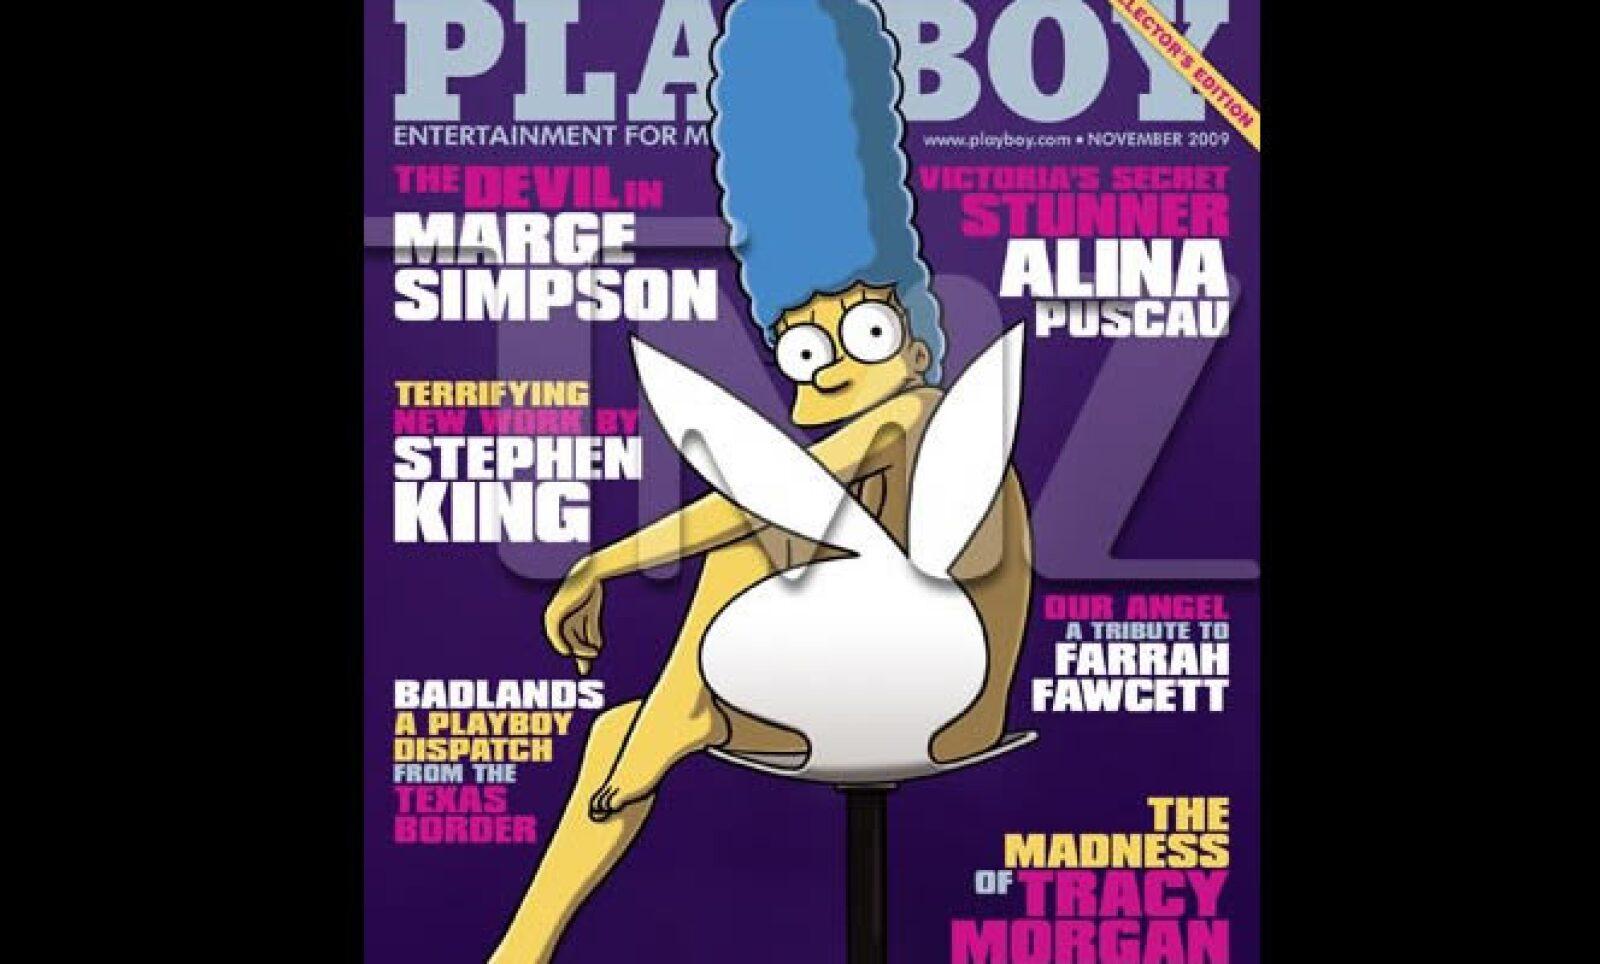 La portada de la edición de Noviembre de la revista Playboy será Marge Simpson. El portal de noticias del mundo del espectáculo TMZ adelanta que Marge además posa en ropa interior en un desplegado de 3 páginas al interior de la revista.